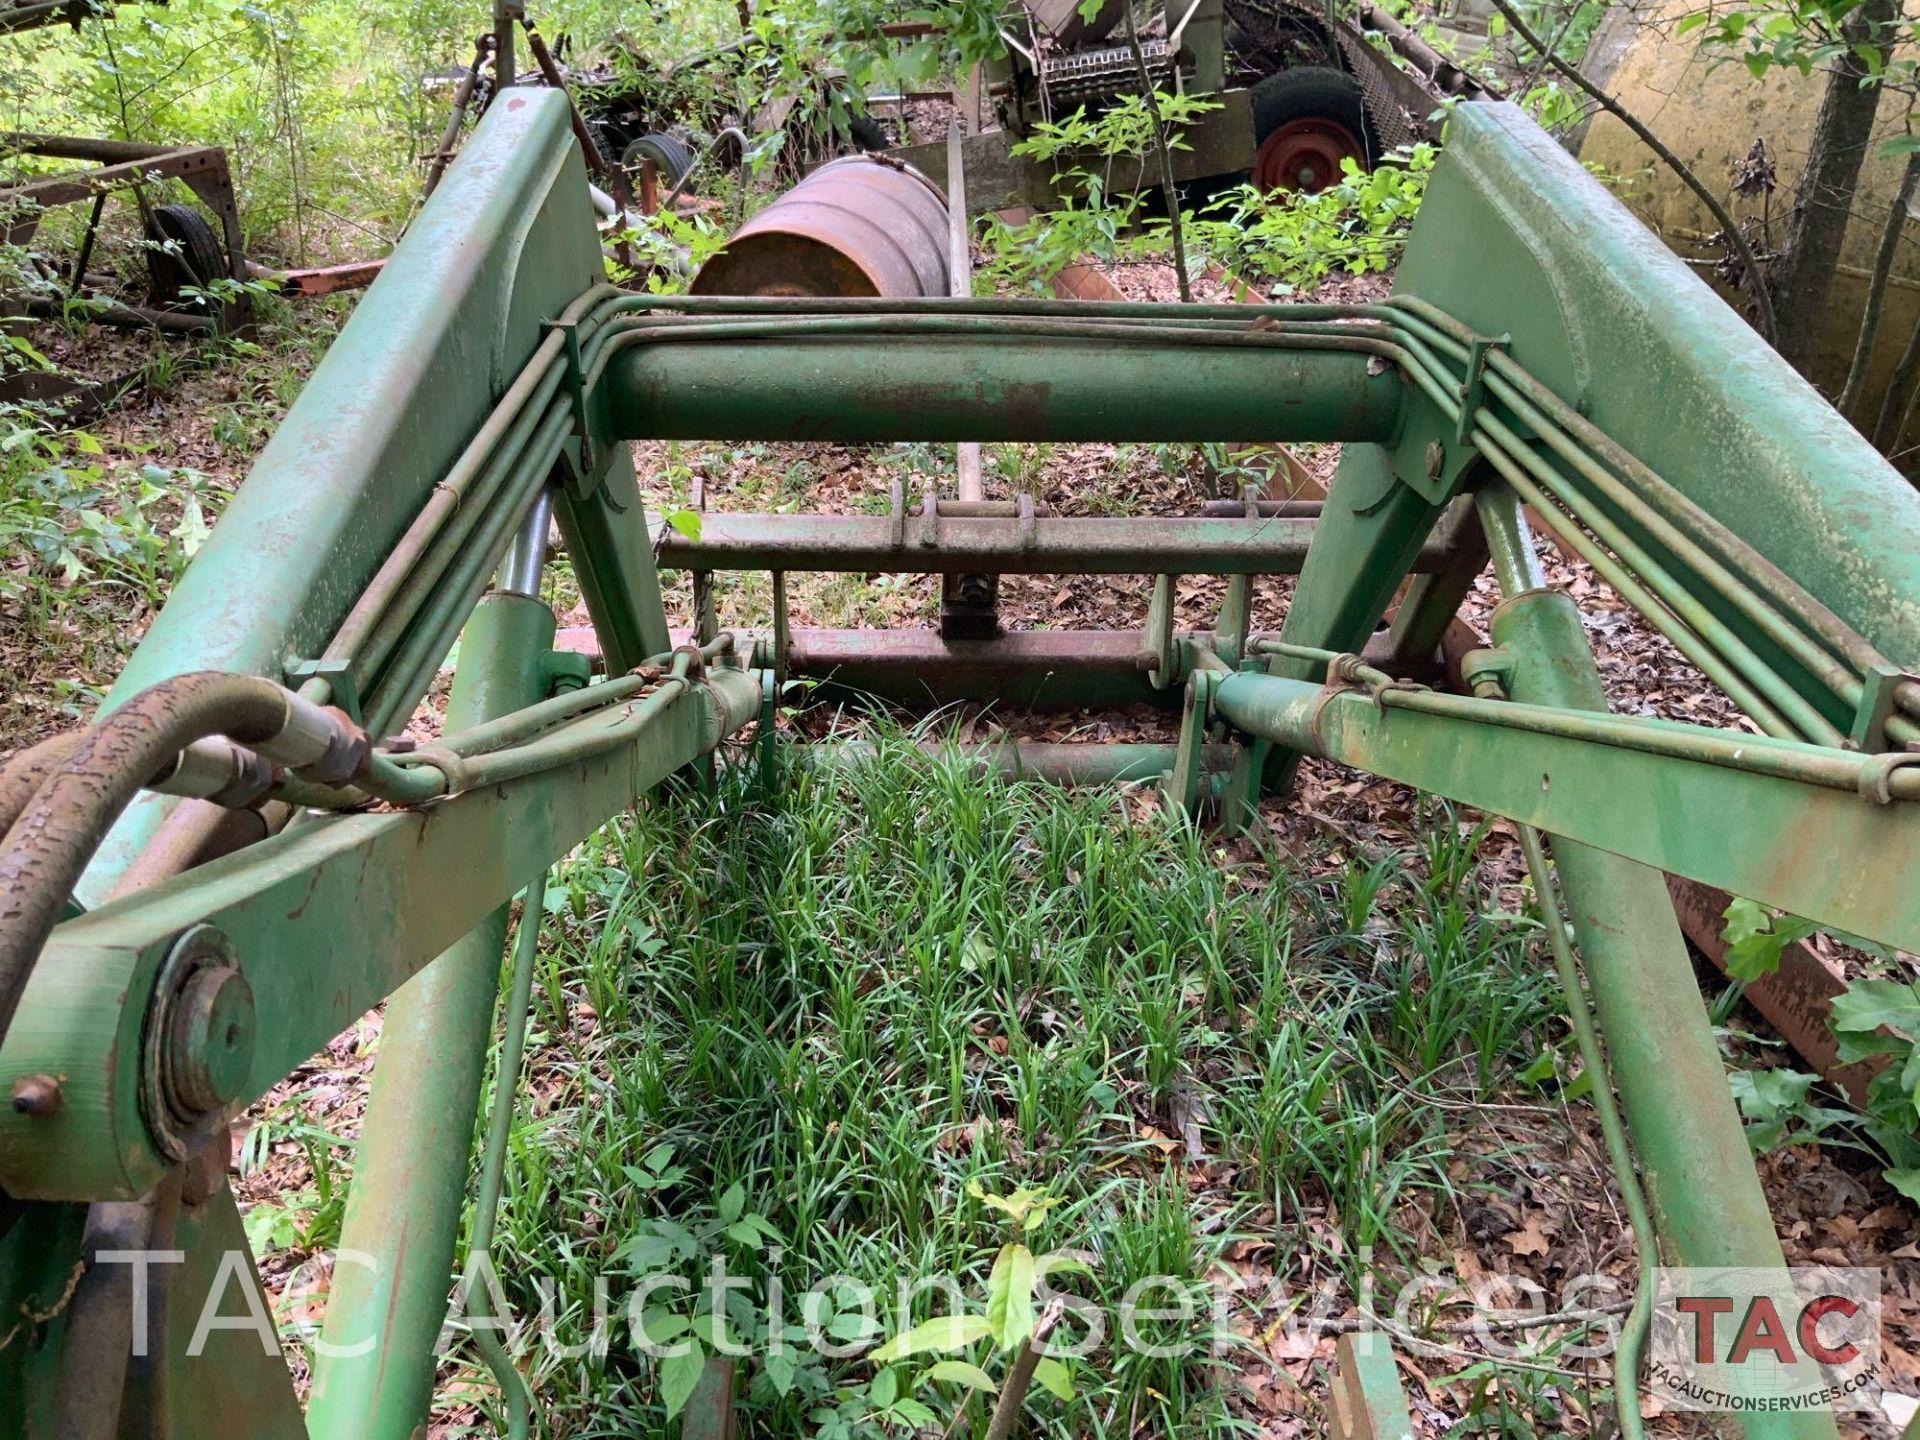 John Deere 4440 Tractor - Image 24 of 31